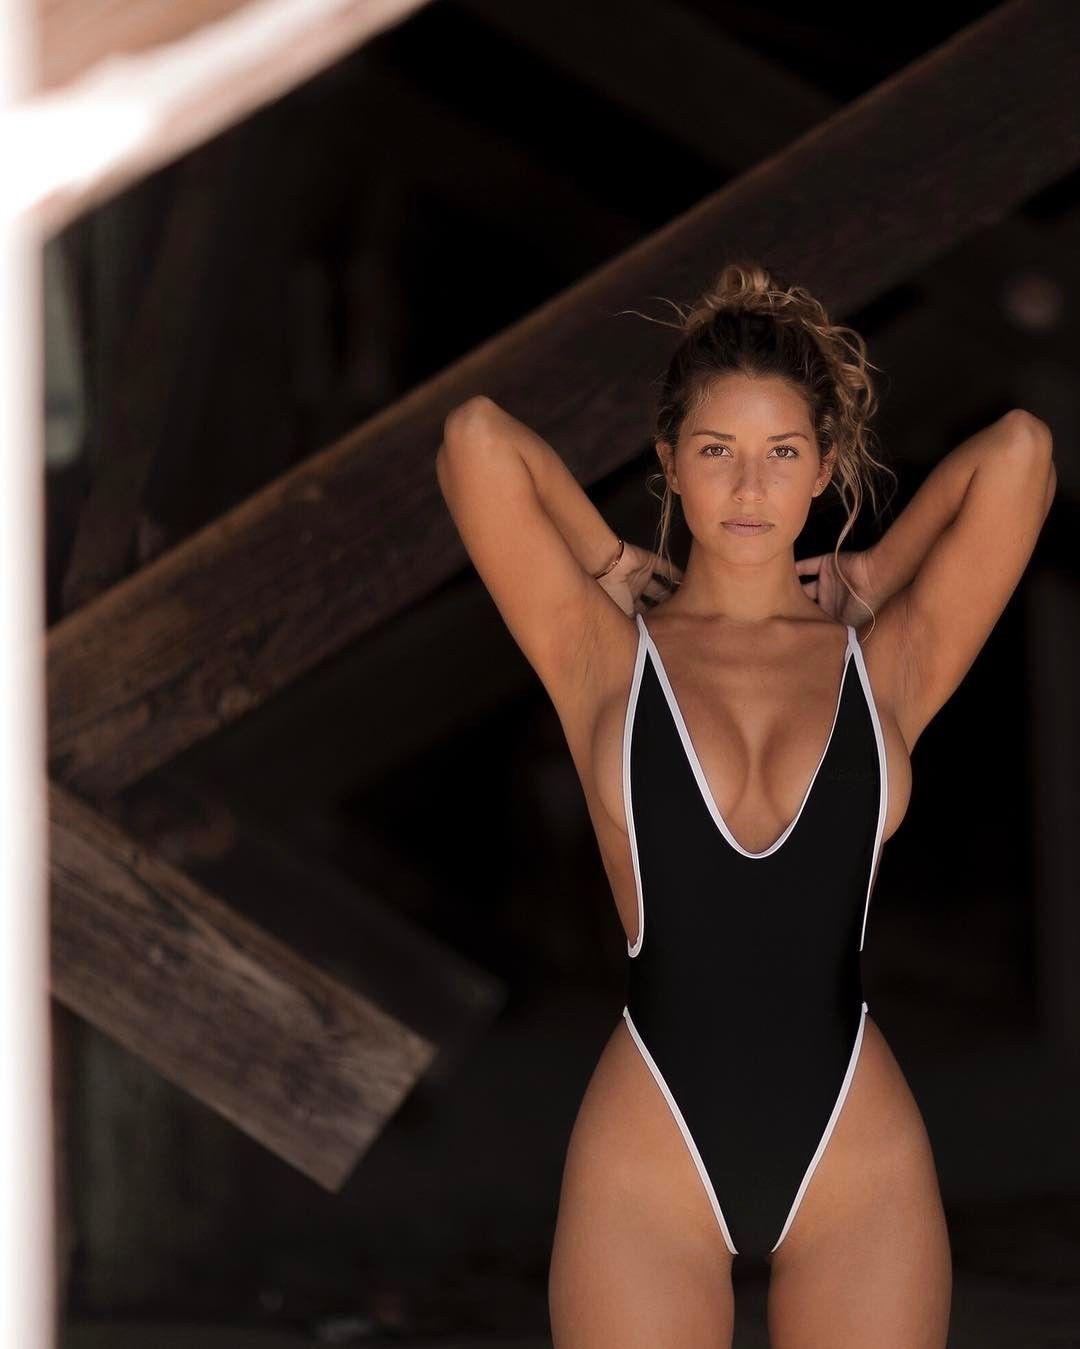 2017 Frauen Swimweawr Einteilige Anzüge Frauen Beachwear Badeanzug Badende Monokini Bade Drücken Oben Aufgefülltes Tankini Frauen Strand Outwear 100% Original